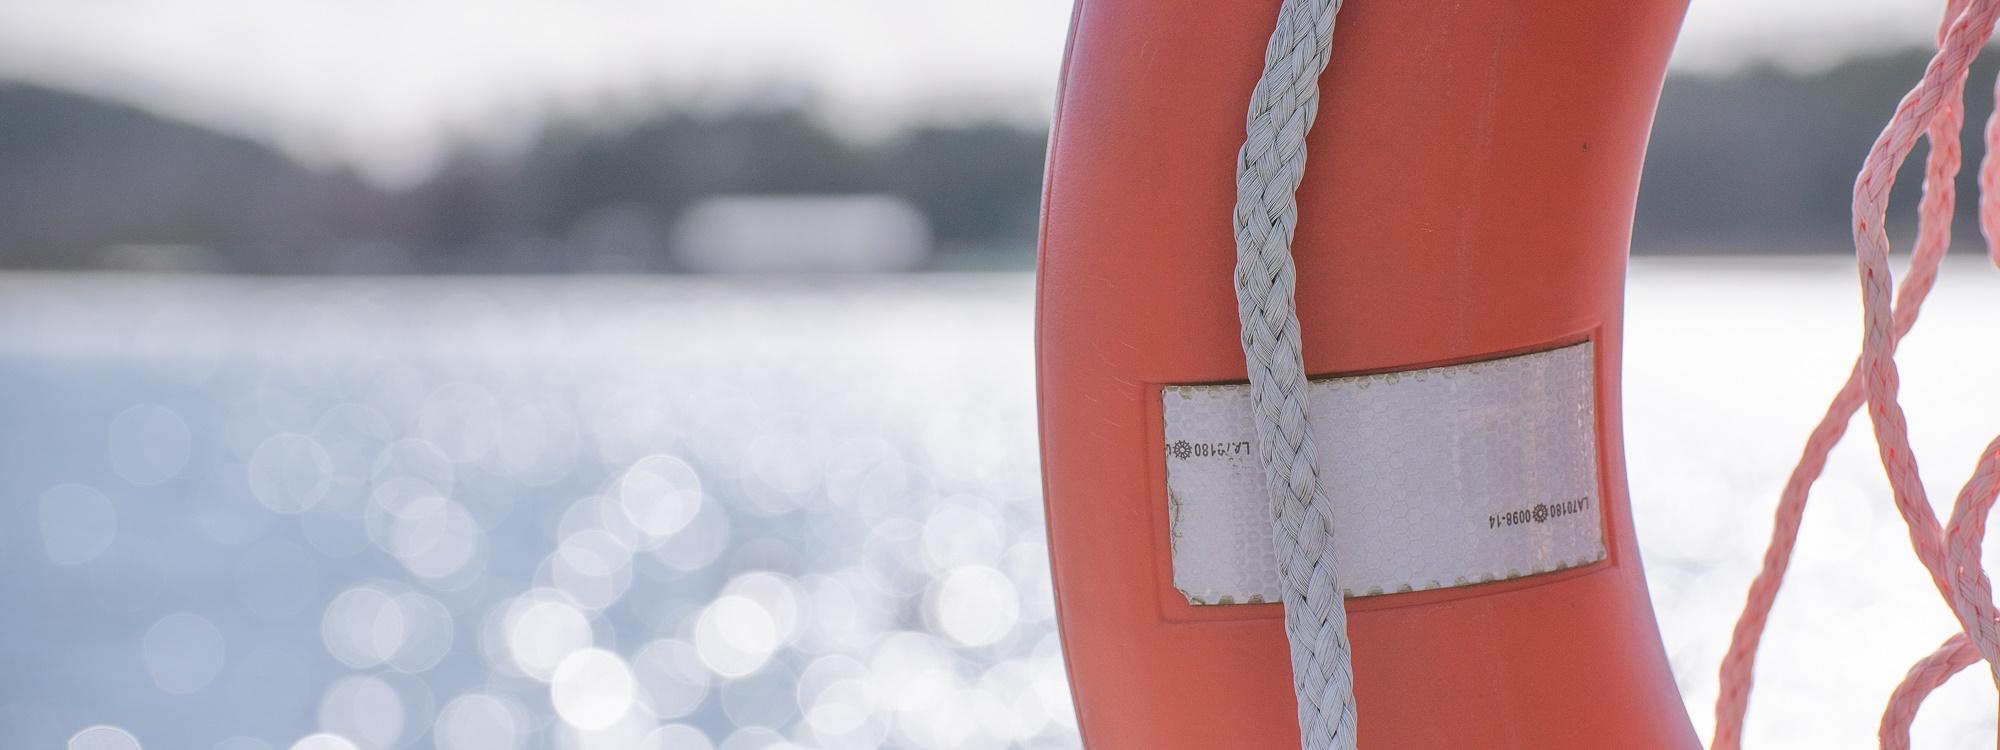 Edustalla on oranssi pelastusrengas, taustalla kimmeltää meri ja siintää rantaa sekä rakennuksia